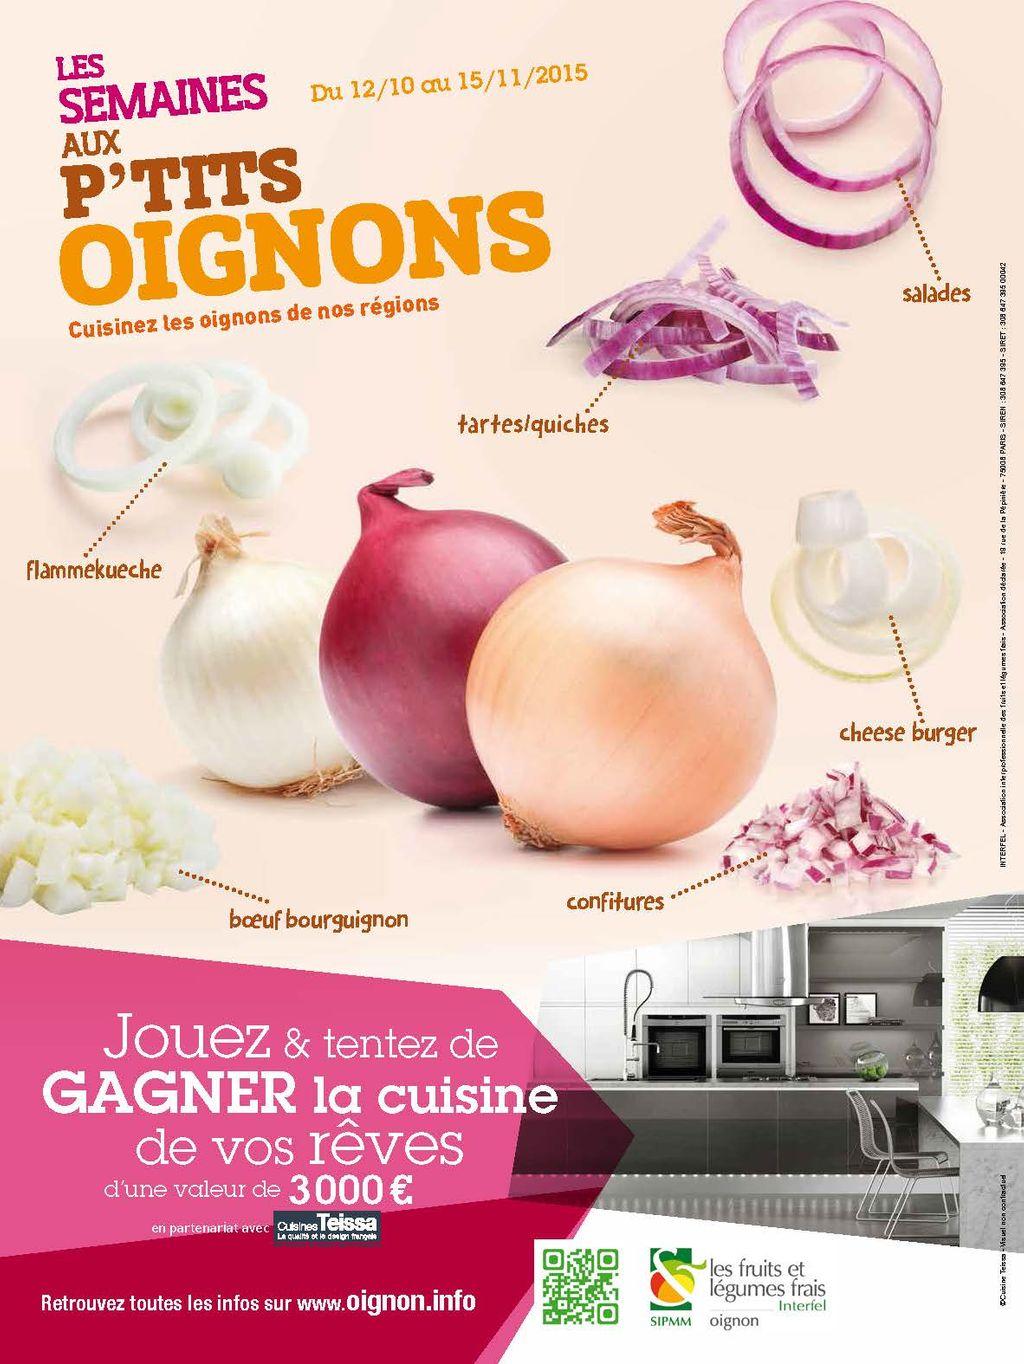 L'oignon, condiment star de nos recettes automne-hiver !   2e édition des « Semaines Aux P'tits Oignons » du 12 octobre au 15 novembre 2015